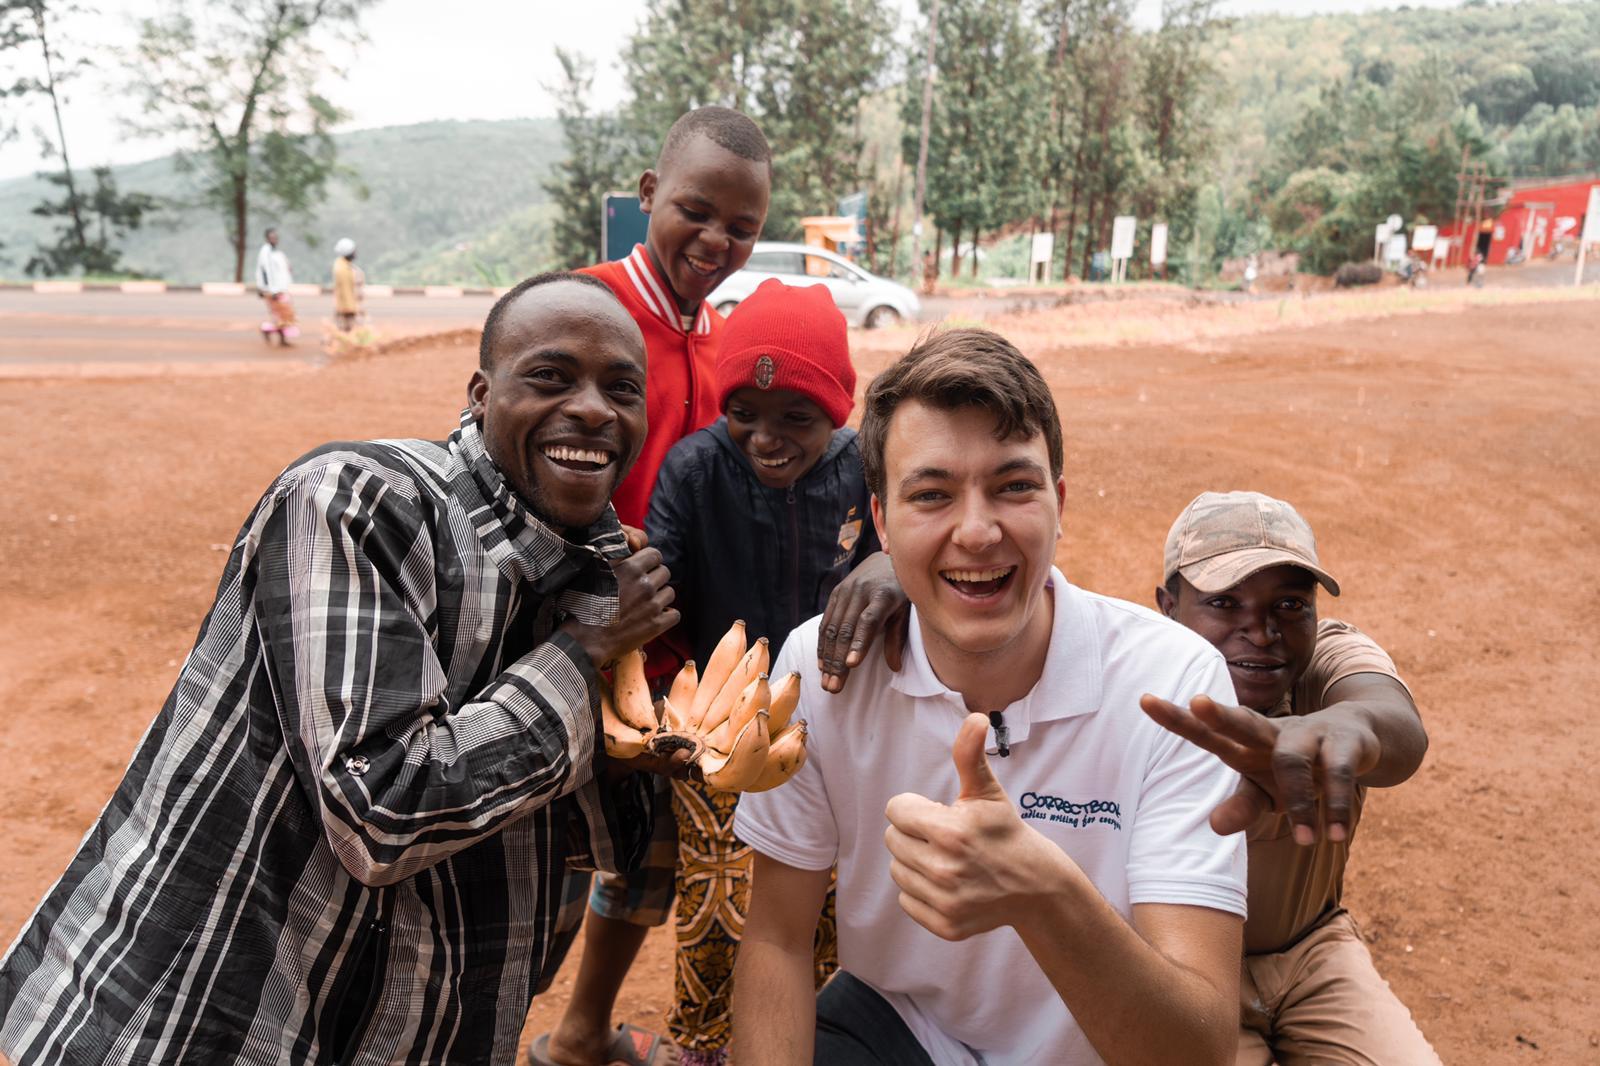 Oprichter Sam reist naar Afrika met eindeloos notitieboek voor een betere wereld